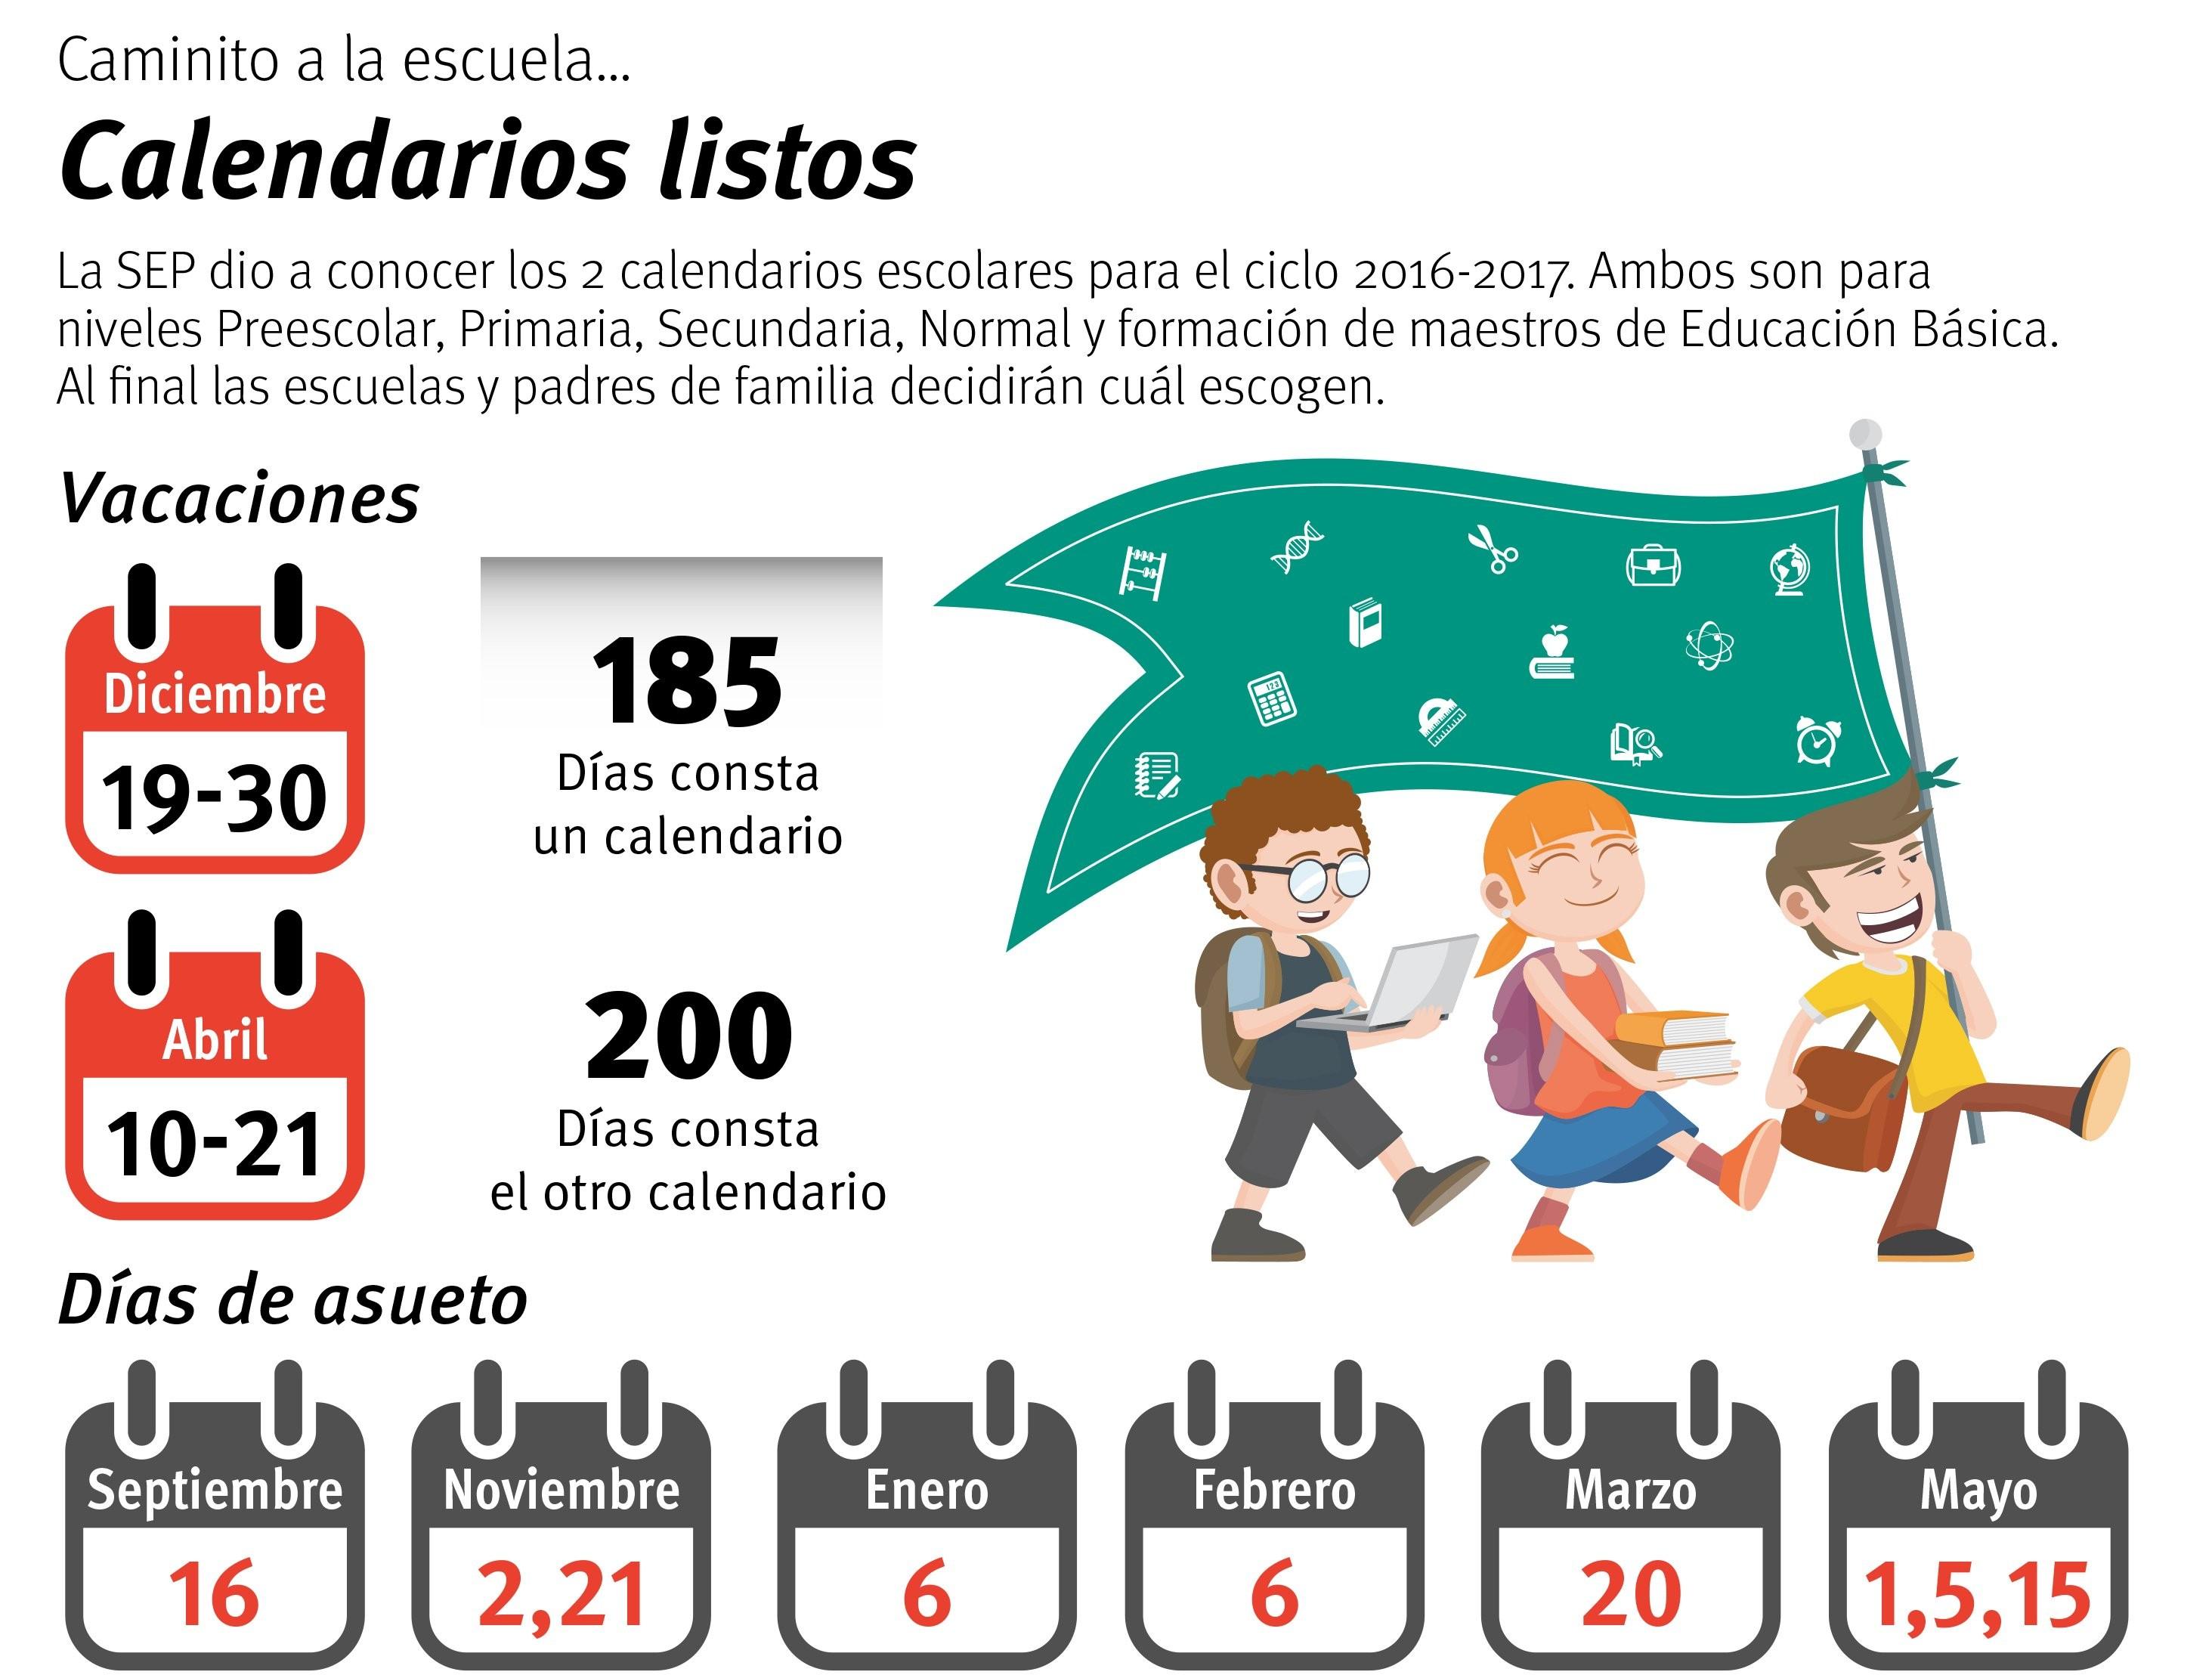 Calendario Escolar 2019 Veracruz Recientes Publica La Sep 2 Calendarios Of Calendario Escolar 2019 Veracruz Mejores Y Más Novedosos Inicio